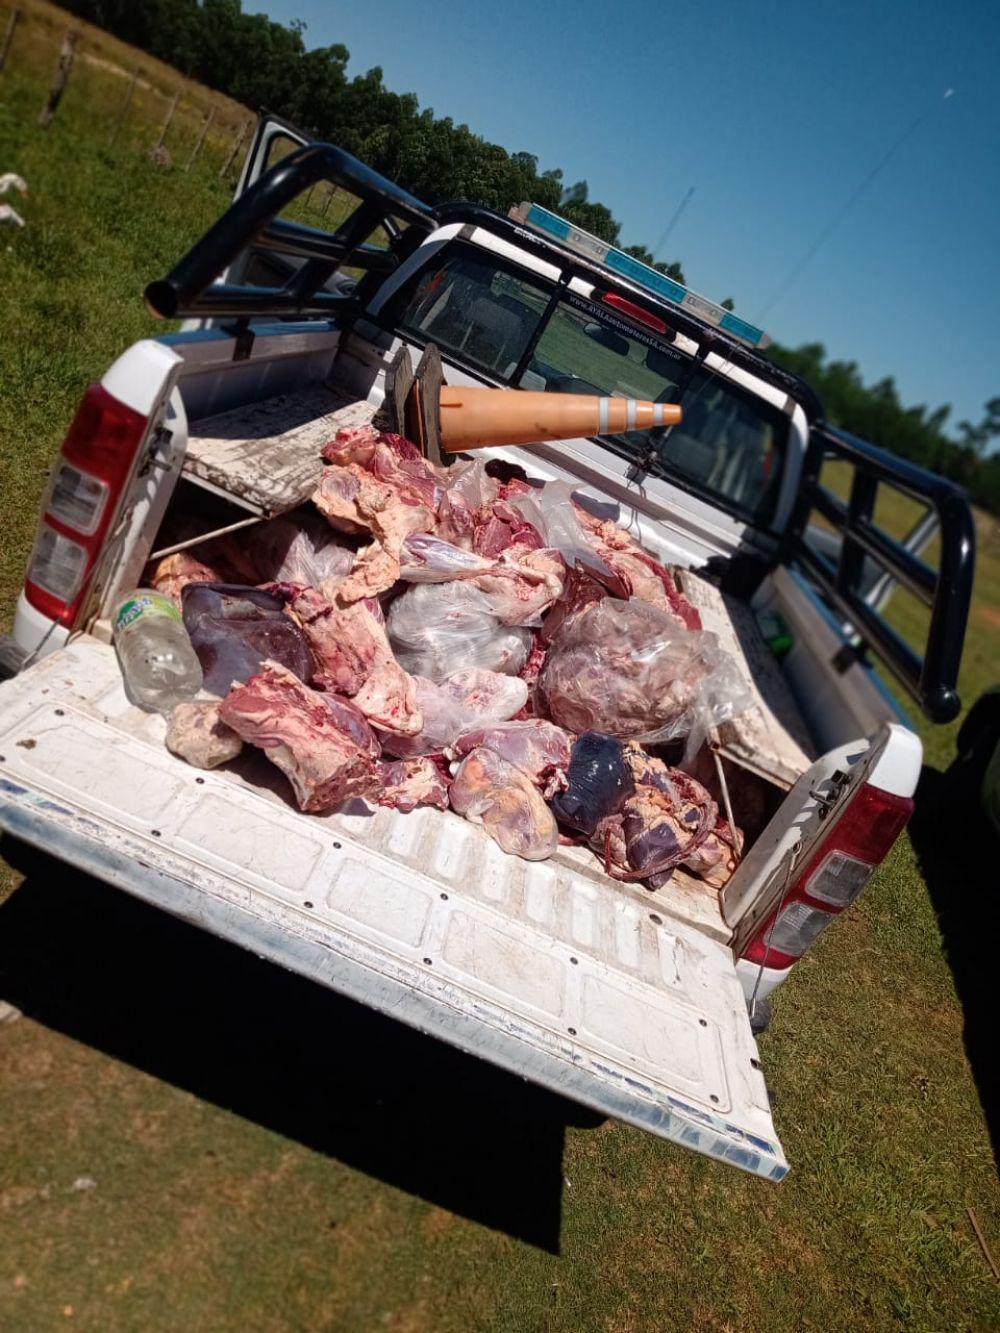 Incautaron más de 600 kilos de carne no apta para el consumo